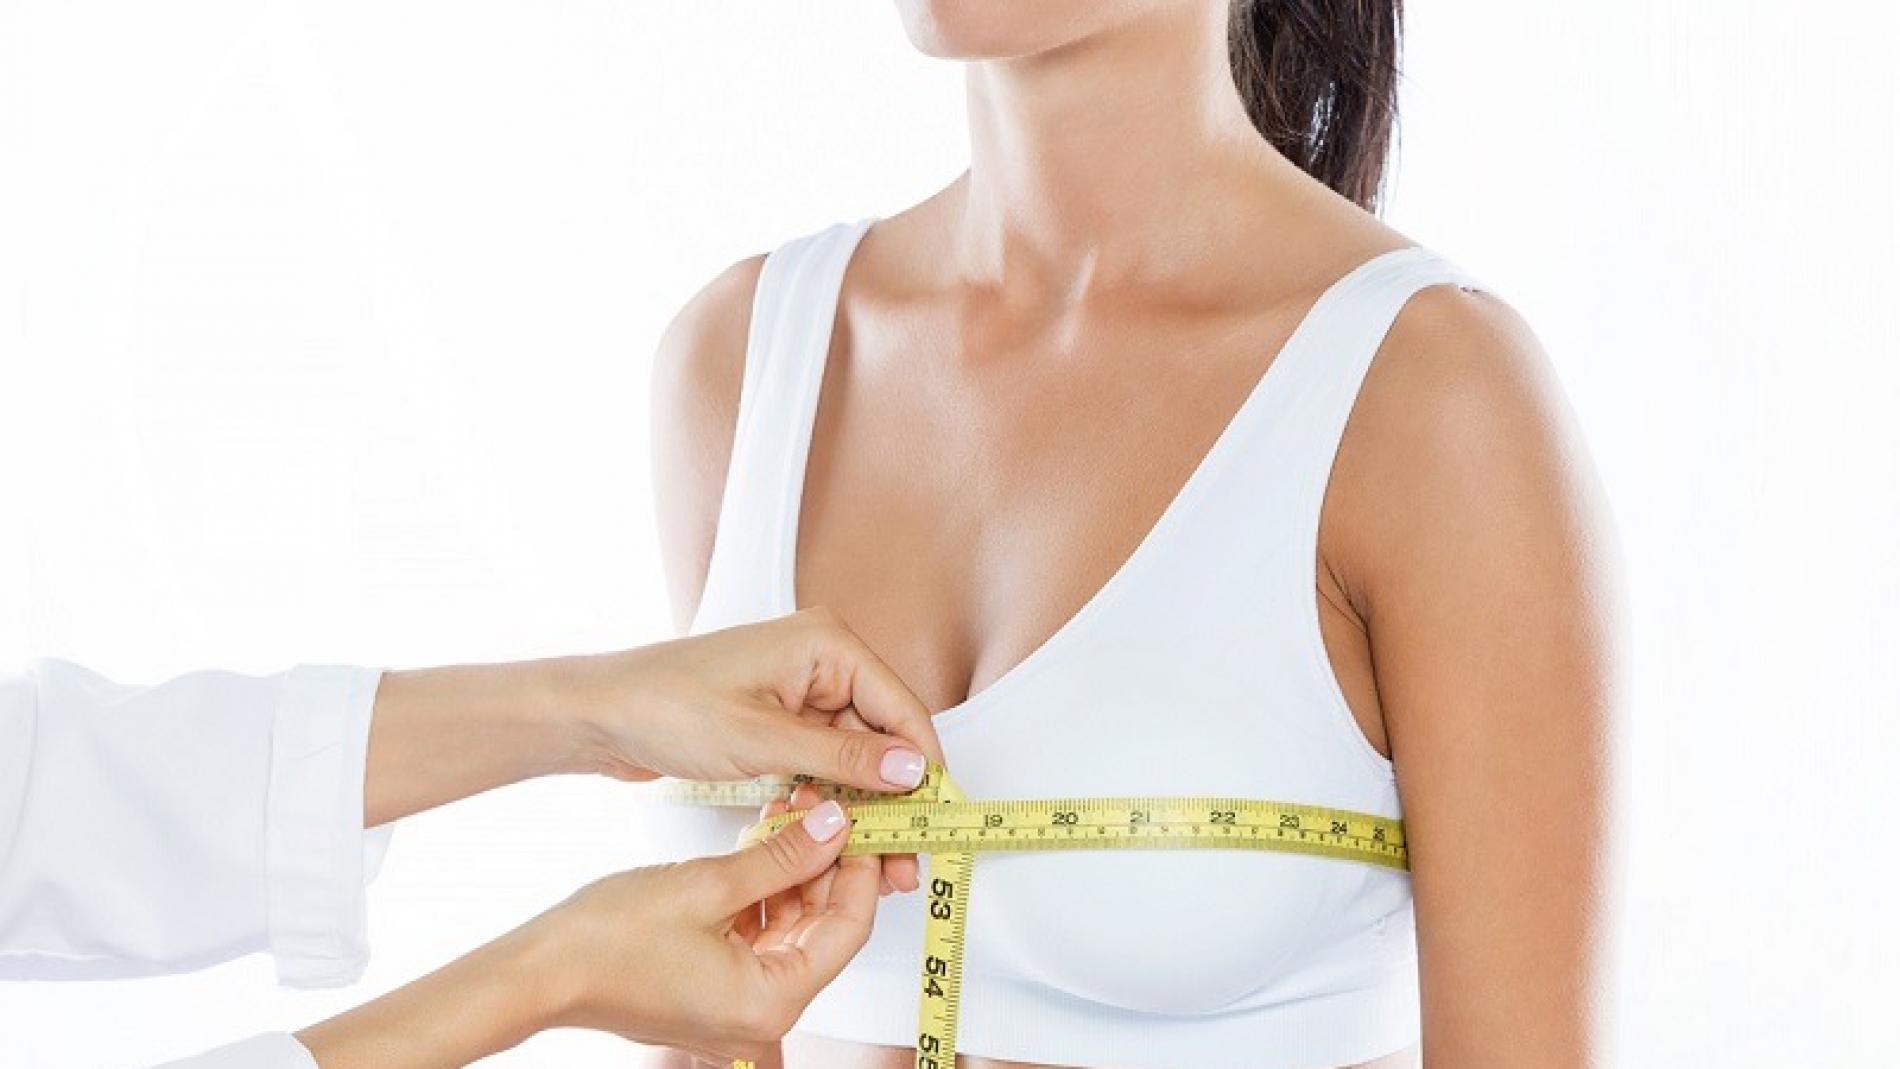 clinica de cirurgia plastica em santos dra ana lucia lemos reduçao de mama